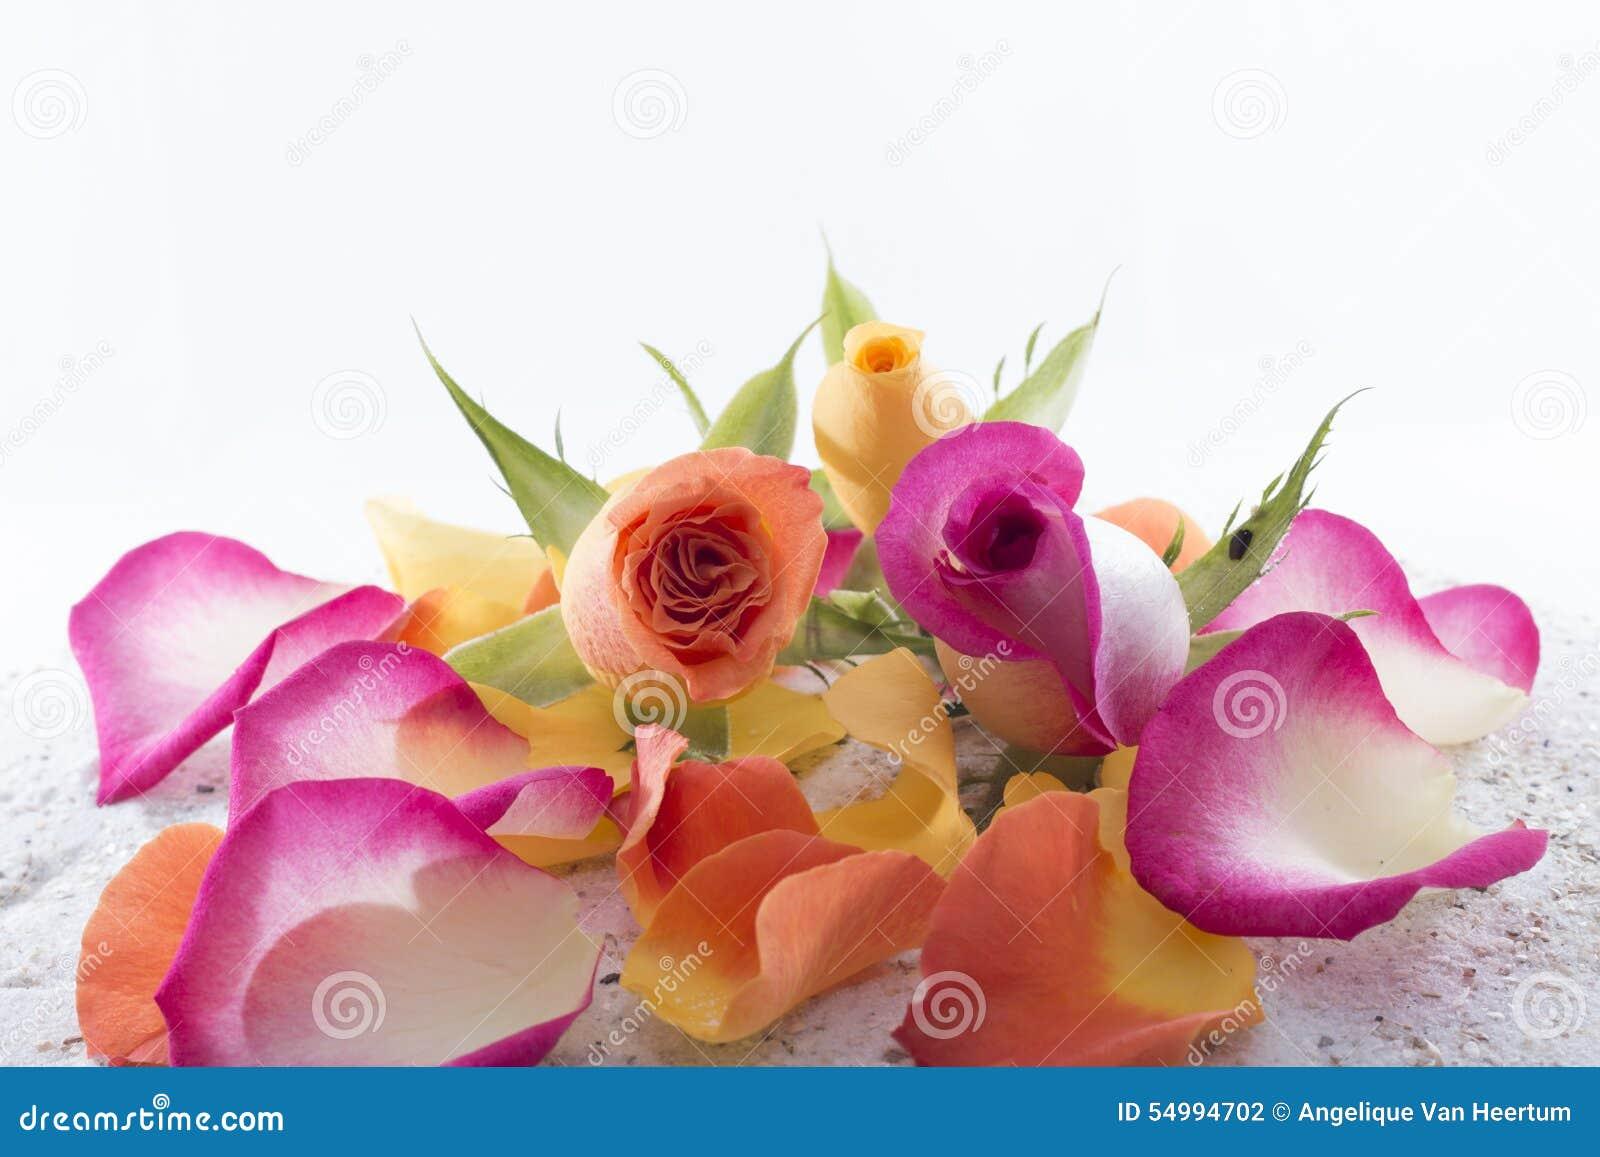 Ro och petals